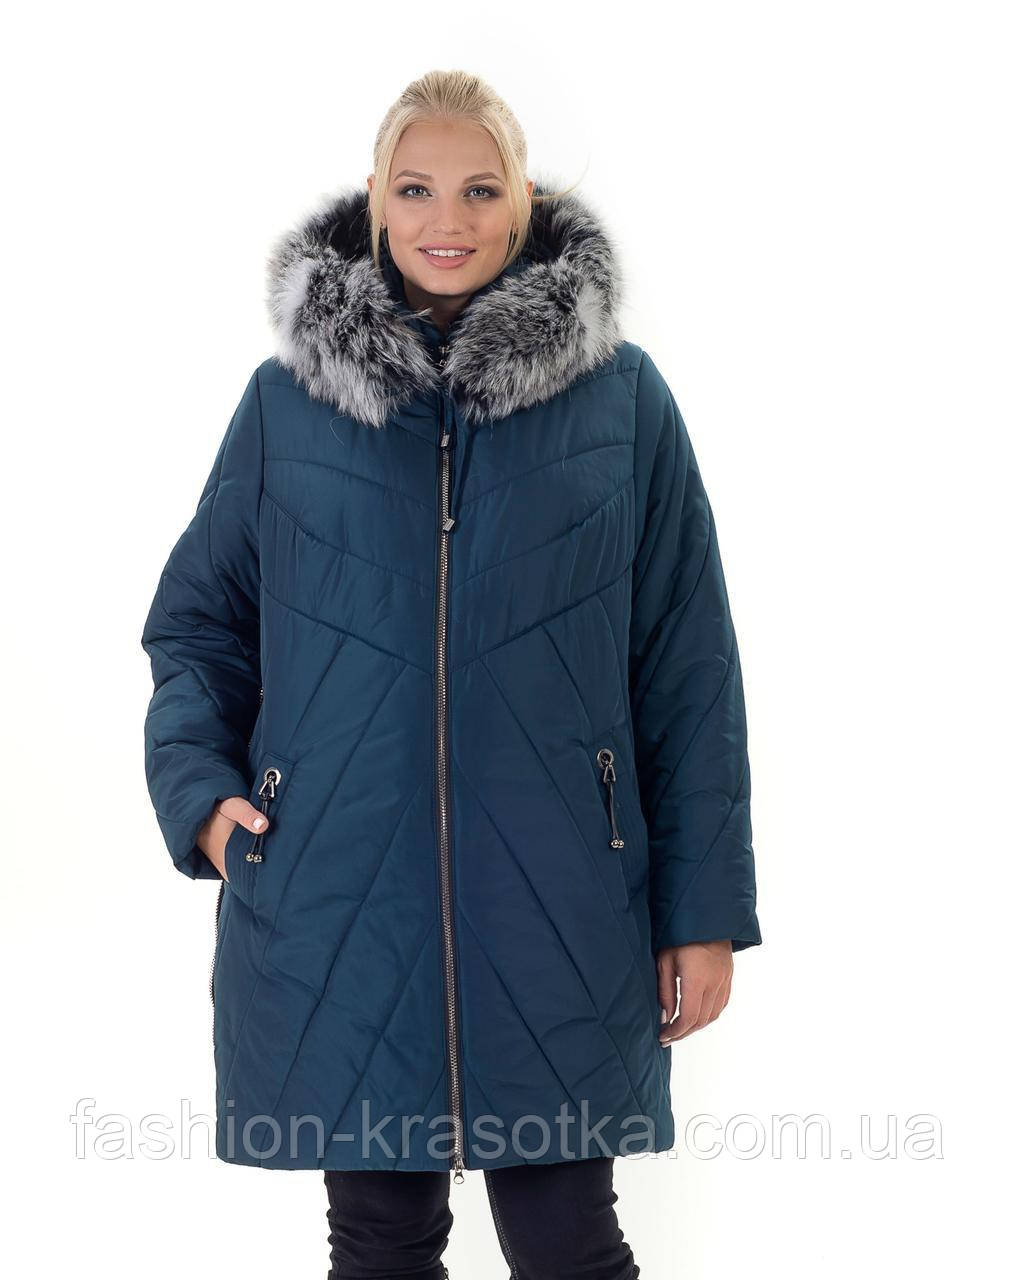 Женская зимняя куртка больших размеров:56-70.